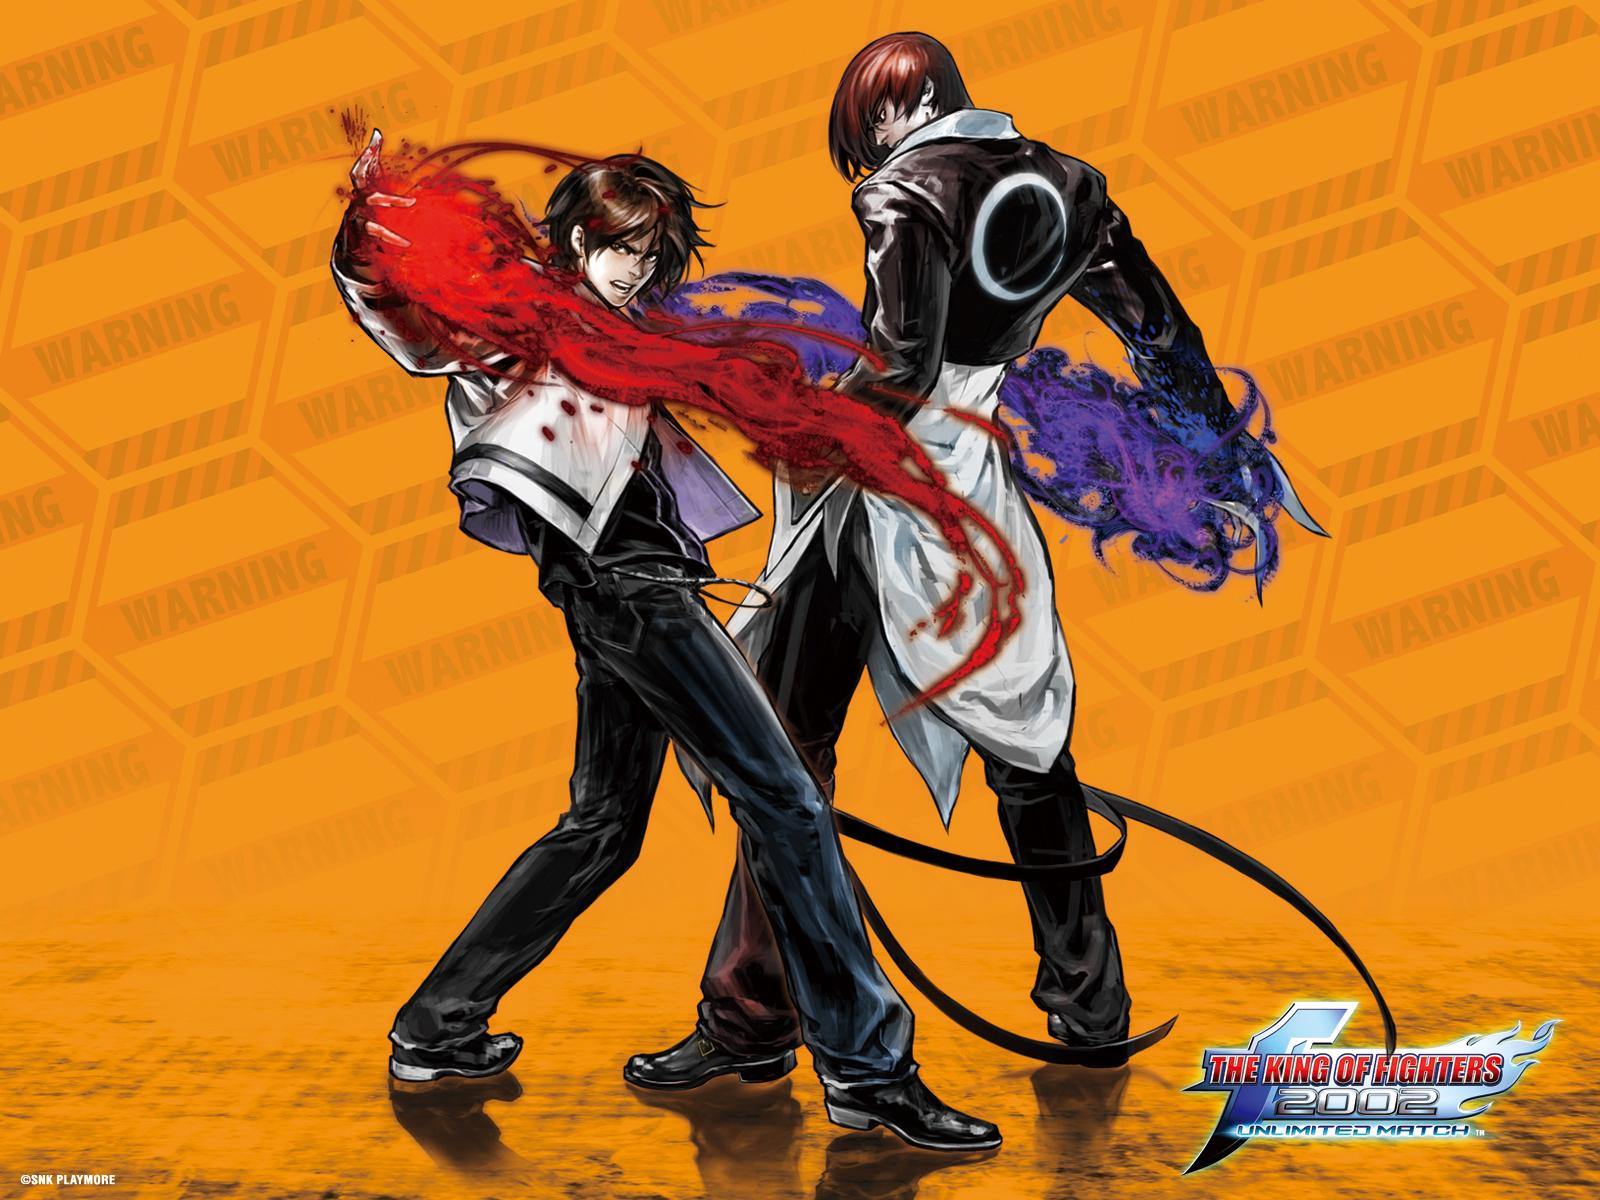 King Of Fighters Wallpaper 908875 Zerochan Anime Image Board